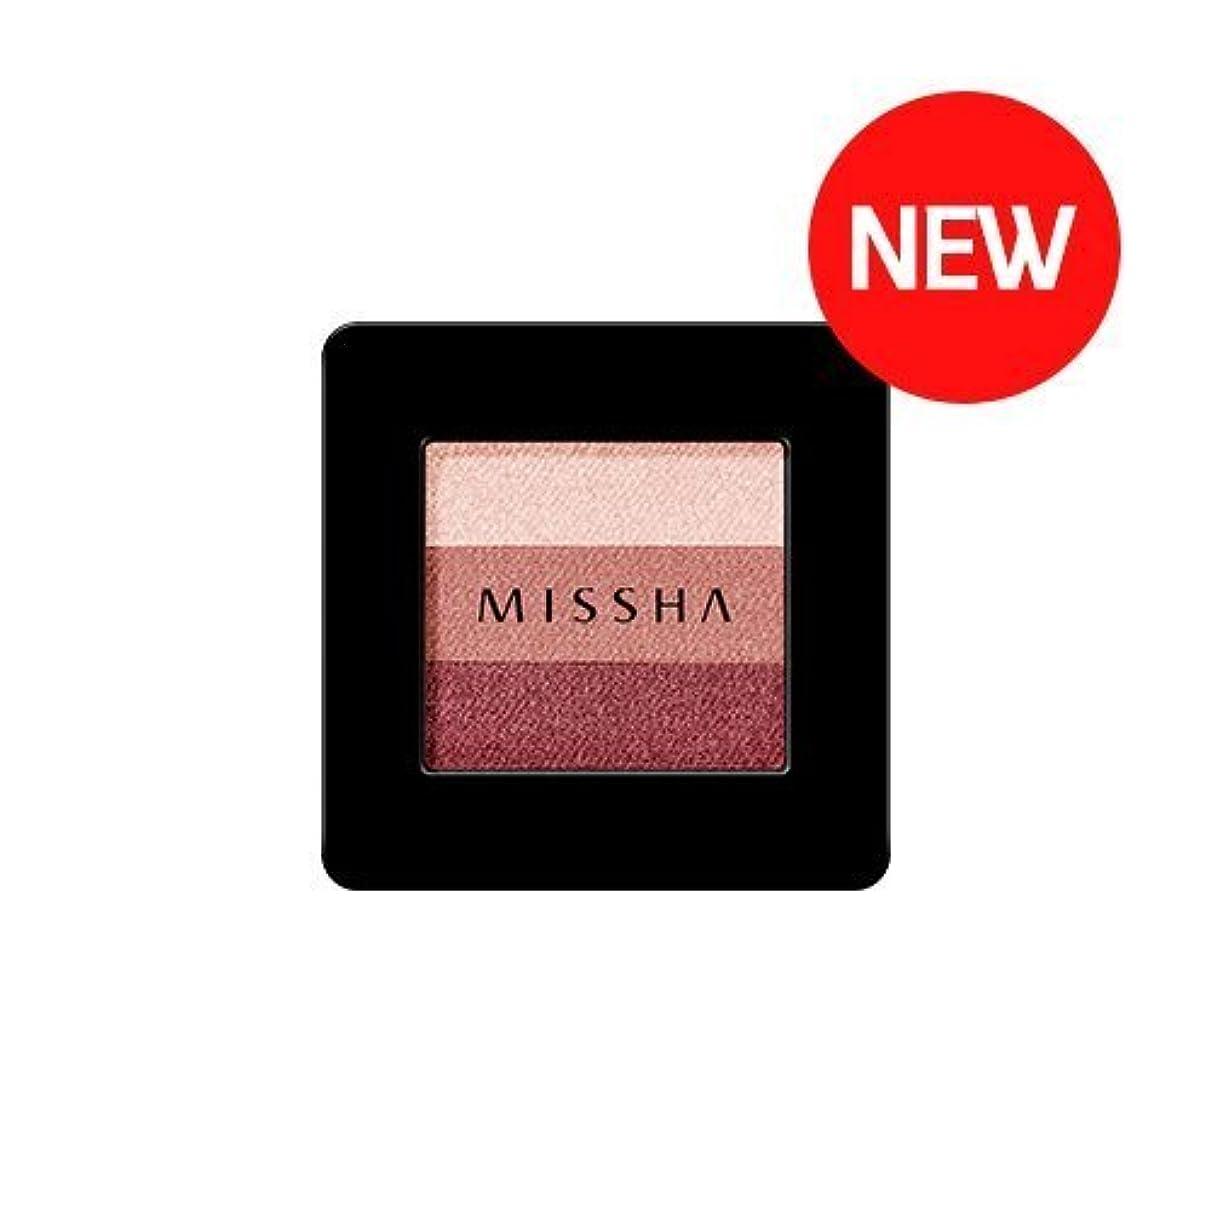 色合いする必要がある指令[Missha] ミシャ トリプルアイシャドウ 2017 秋冬 NEW COLOR 4色 (#16 Rose Fondue) [並行輸入品]